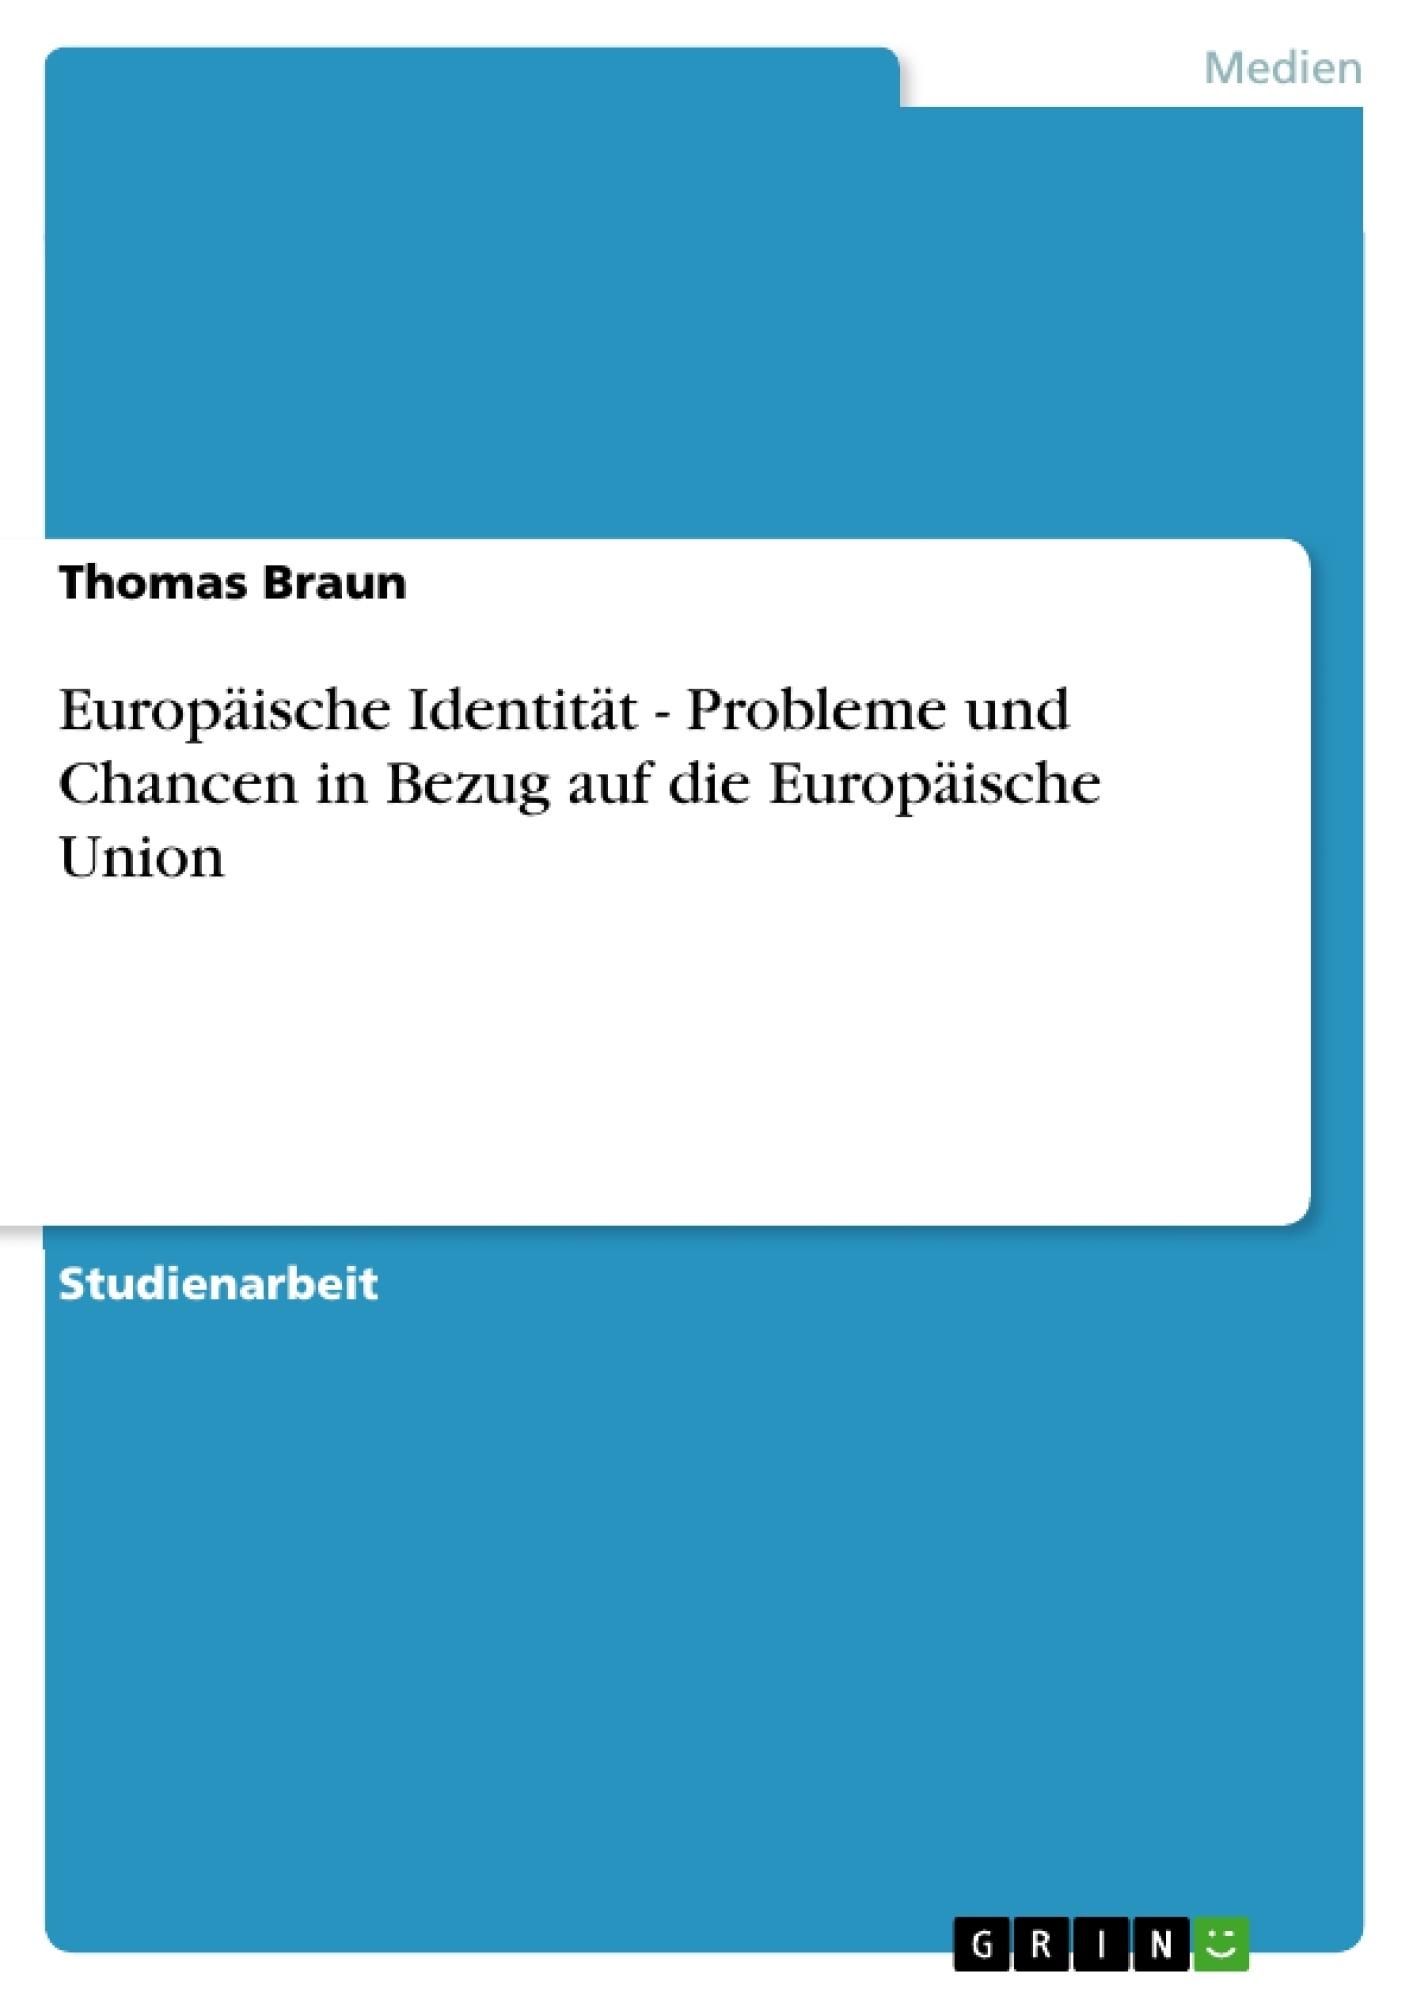 Titel: Europäische Identität - Probleme und Chancen in Bezug auf die Europäische Union